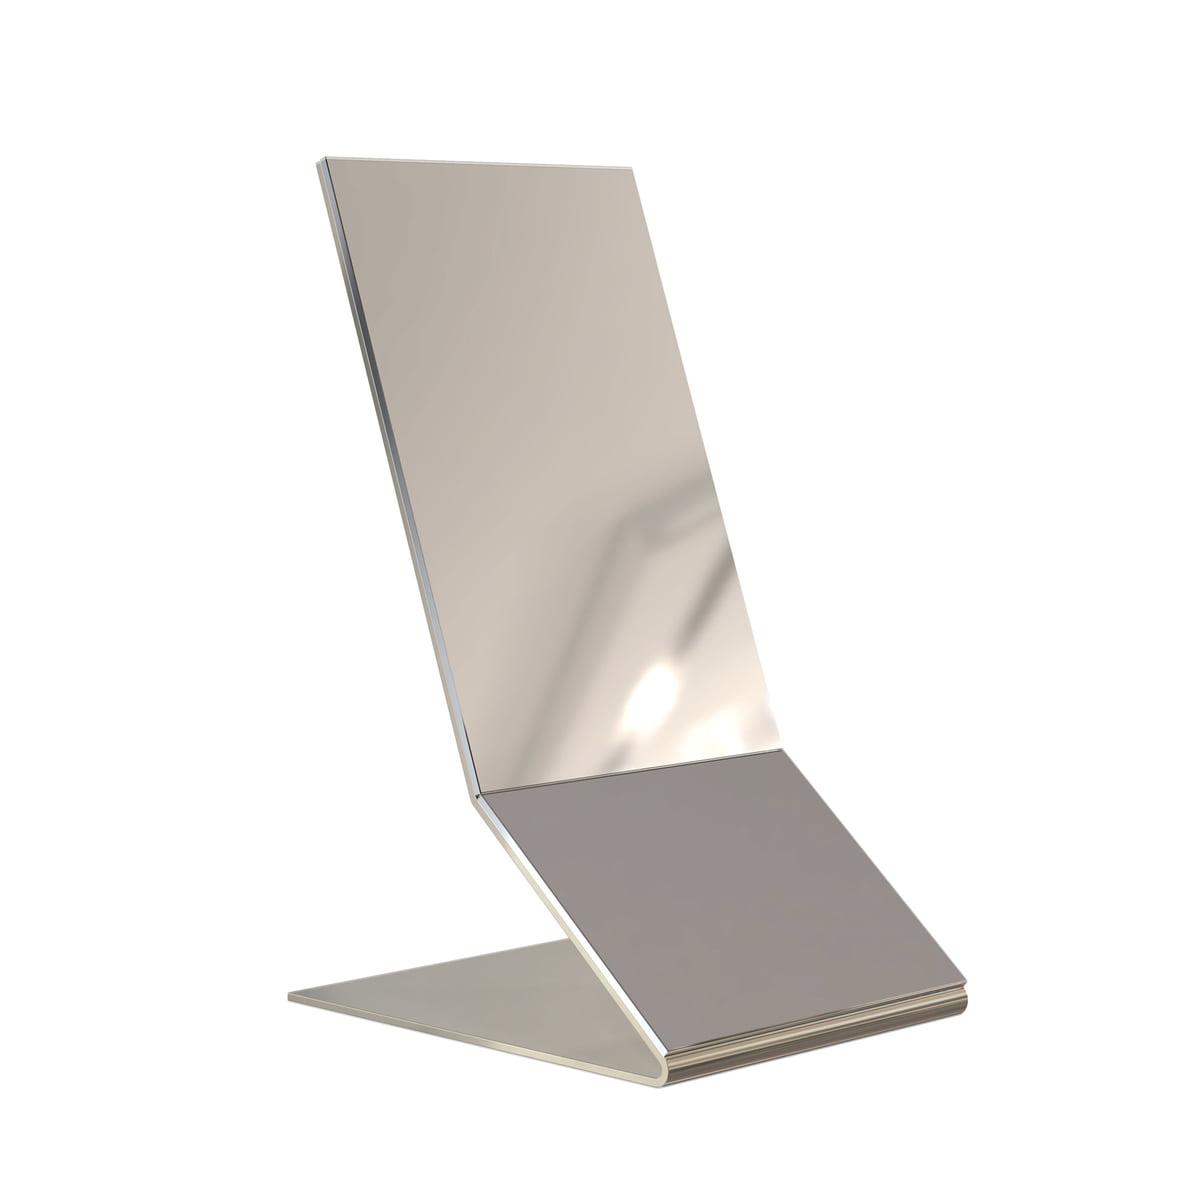 Frost - Unu Tischspiegel, Gold   Flur & Diele > Spiegel > Standspiegel   Frost